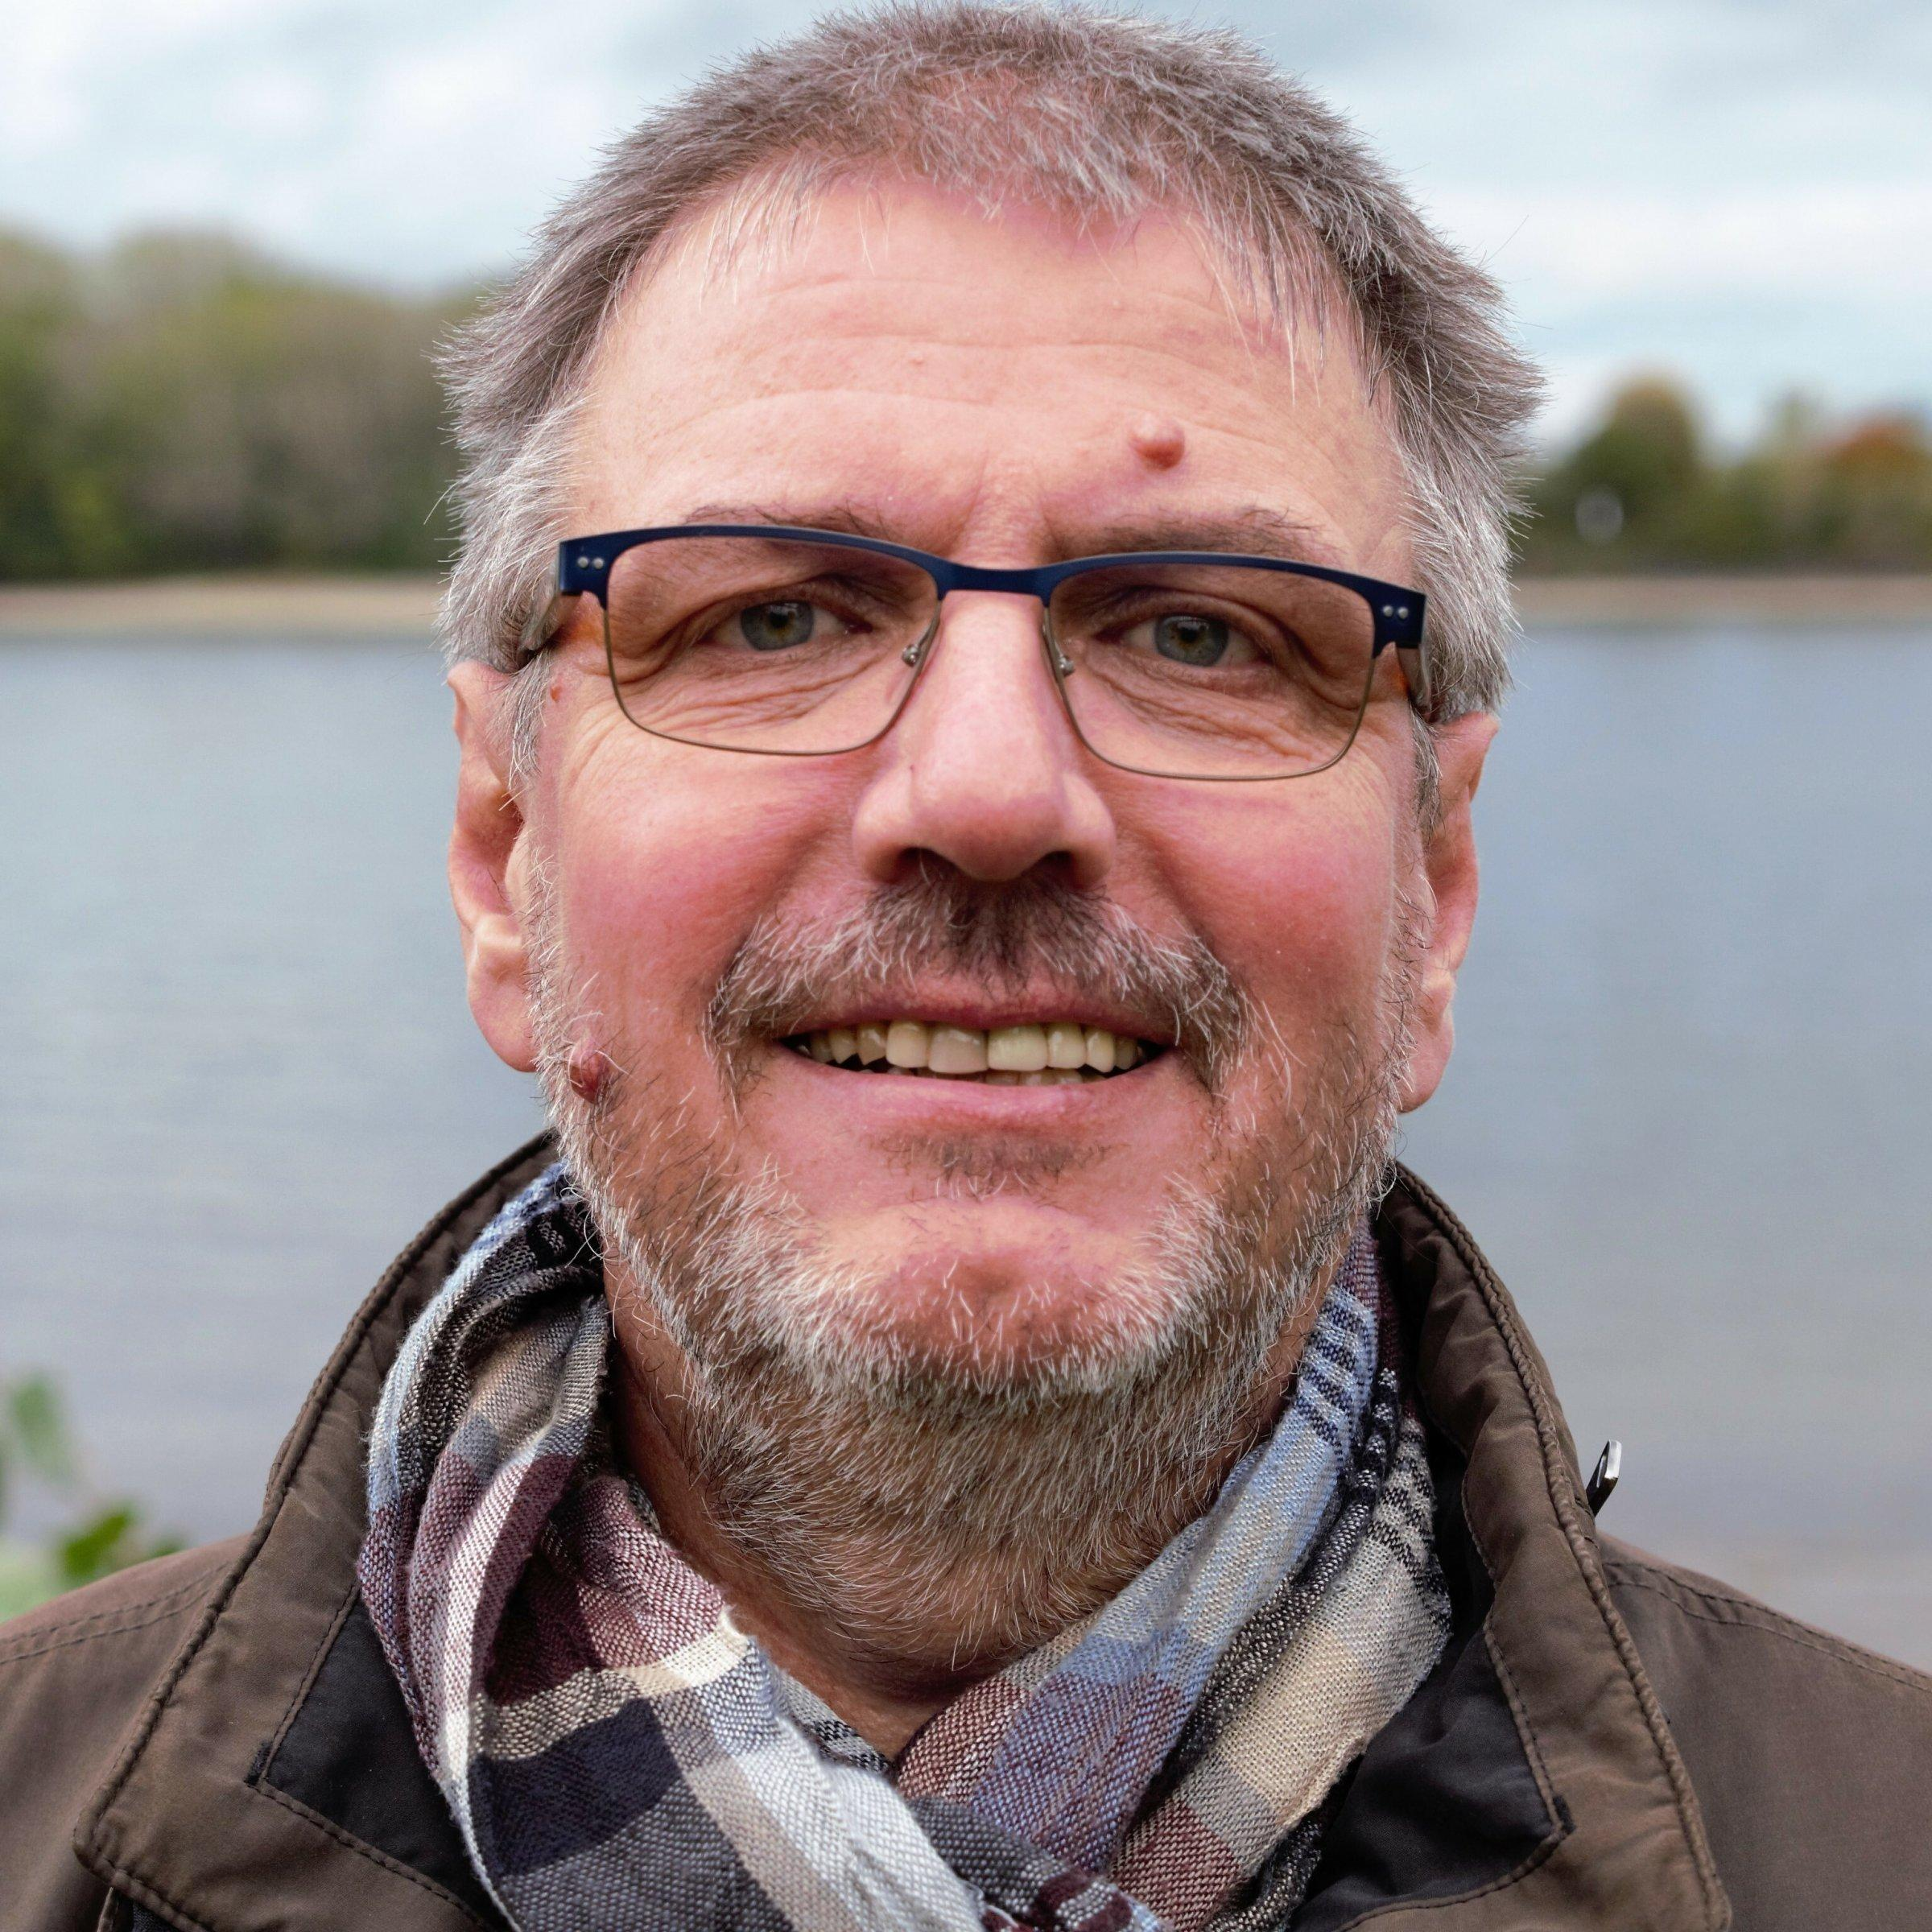 Grauhaariger Mann mit Brille, Schal und brauner Jacke blickt zum Betrachter, im unscharfen Hintergrund fließt der Fluss Rhein unter grau bewölkten Himmel.